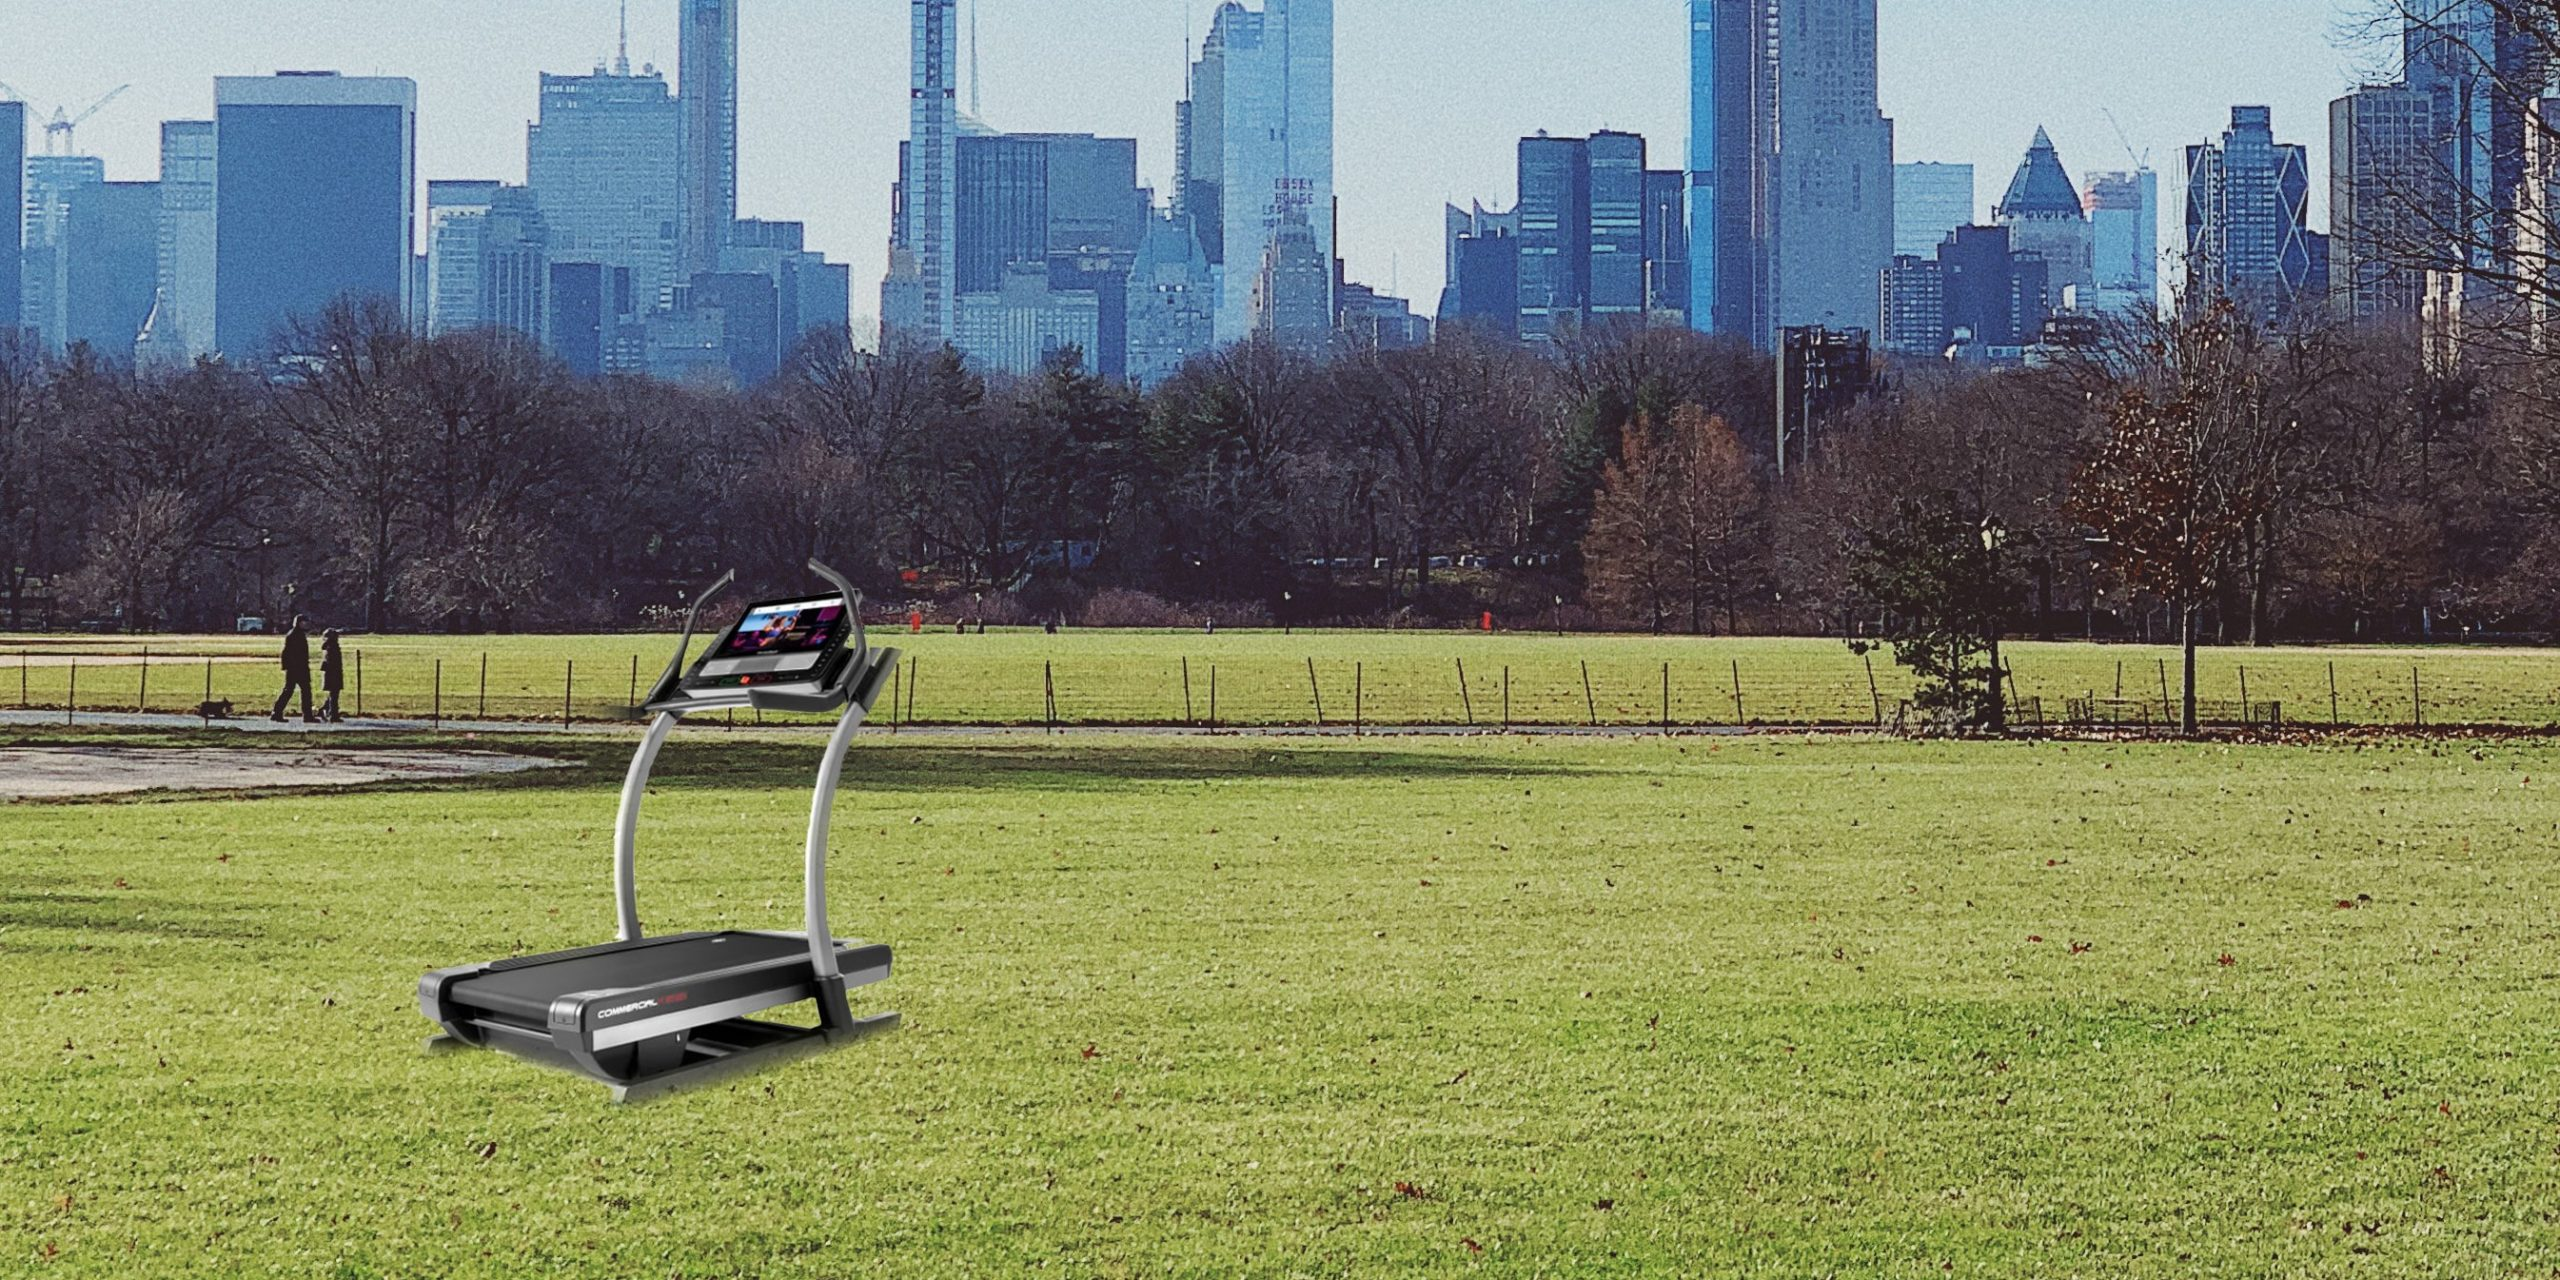 Treadmill in Central Park